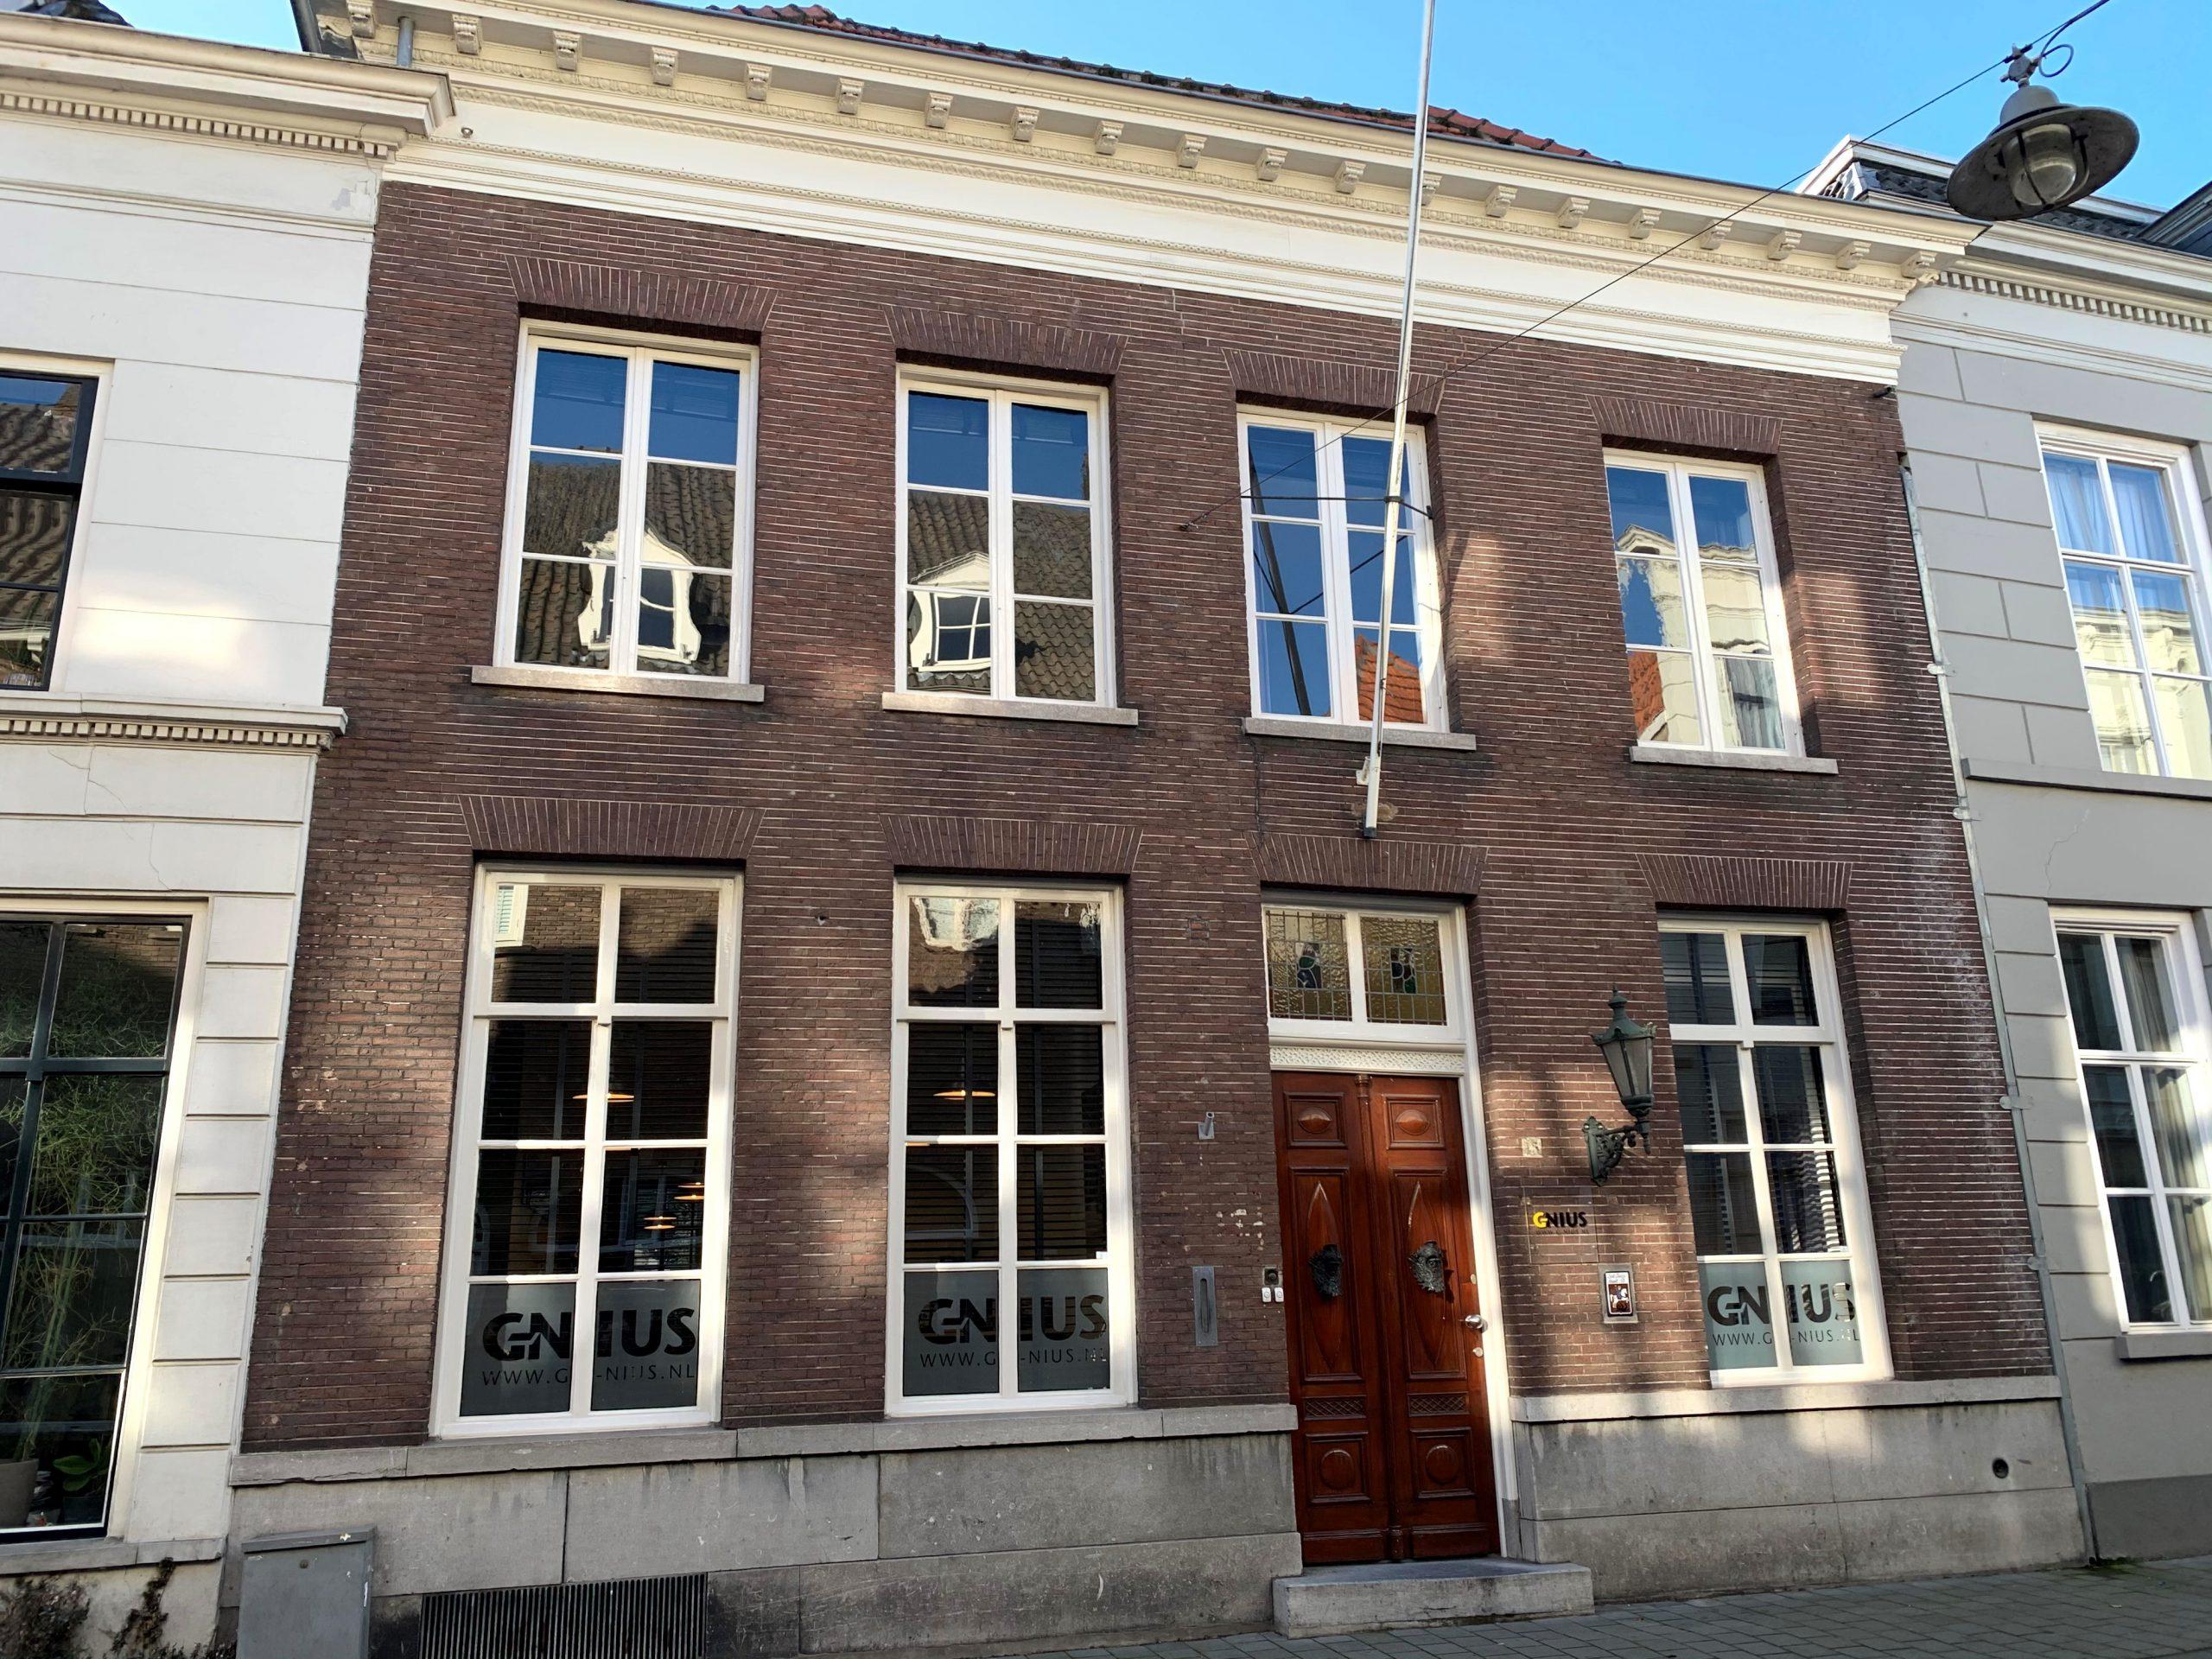 G-Nius 's-hertogenbosch